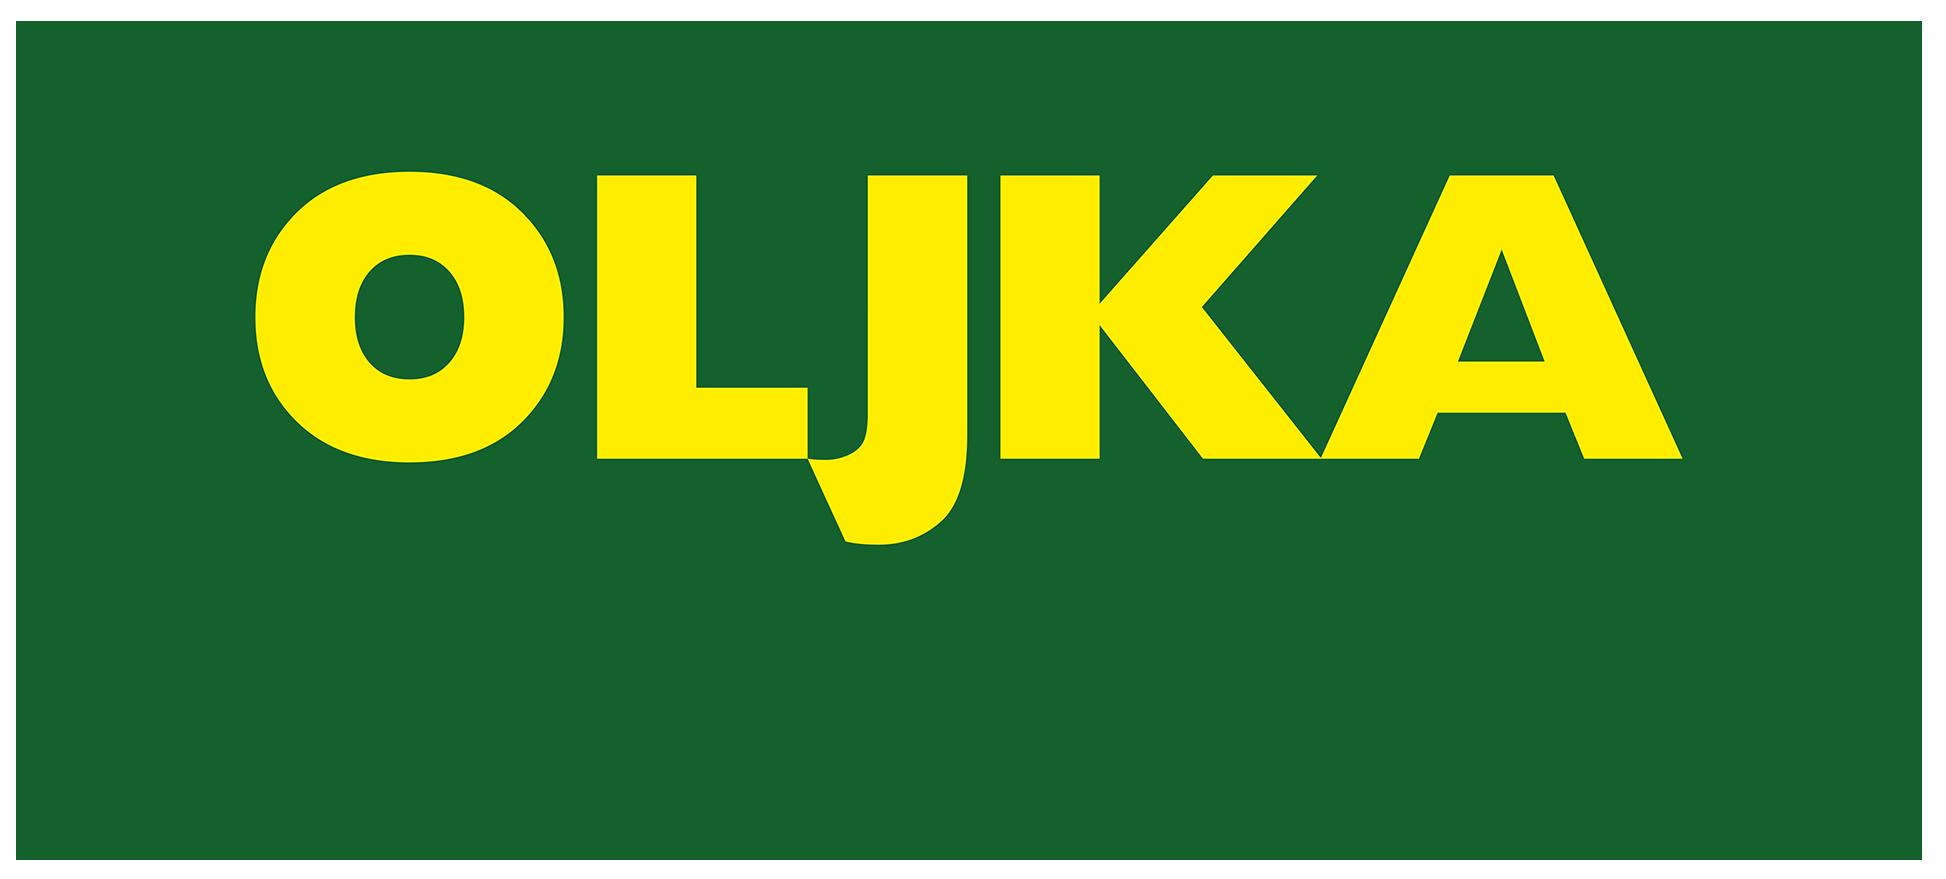 Oljka - stranka slovenske Istre